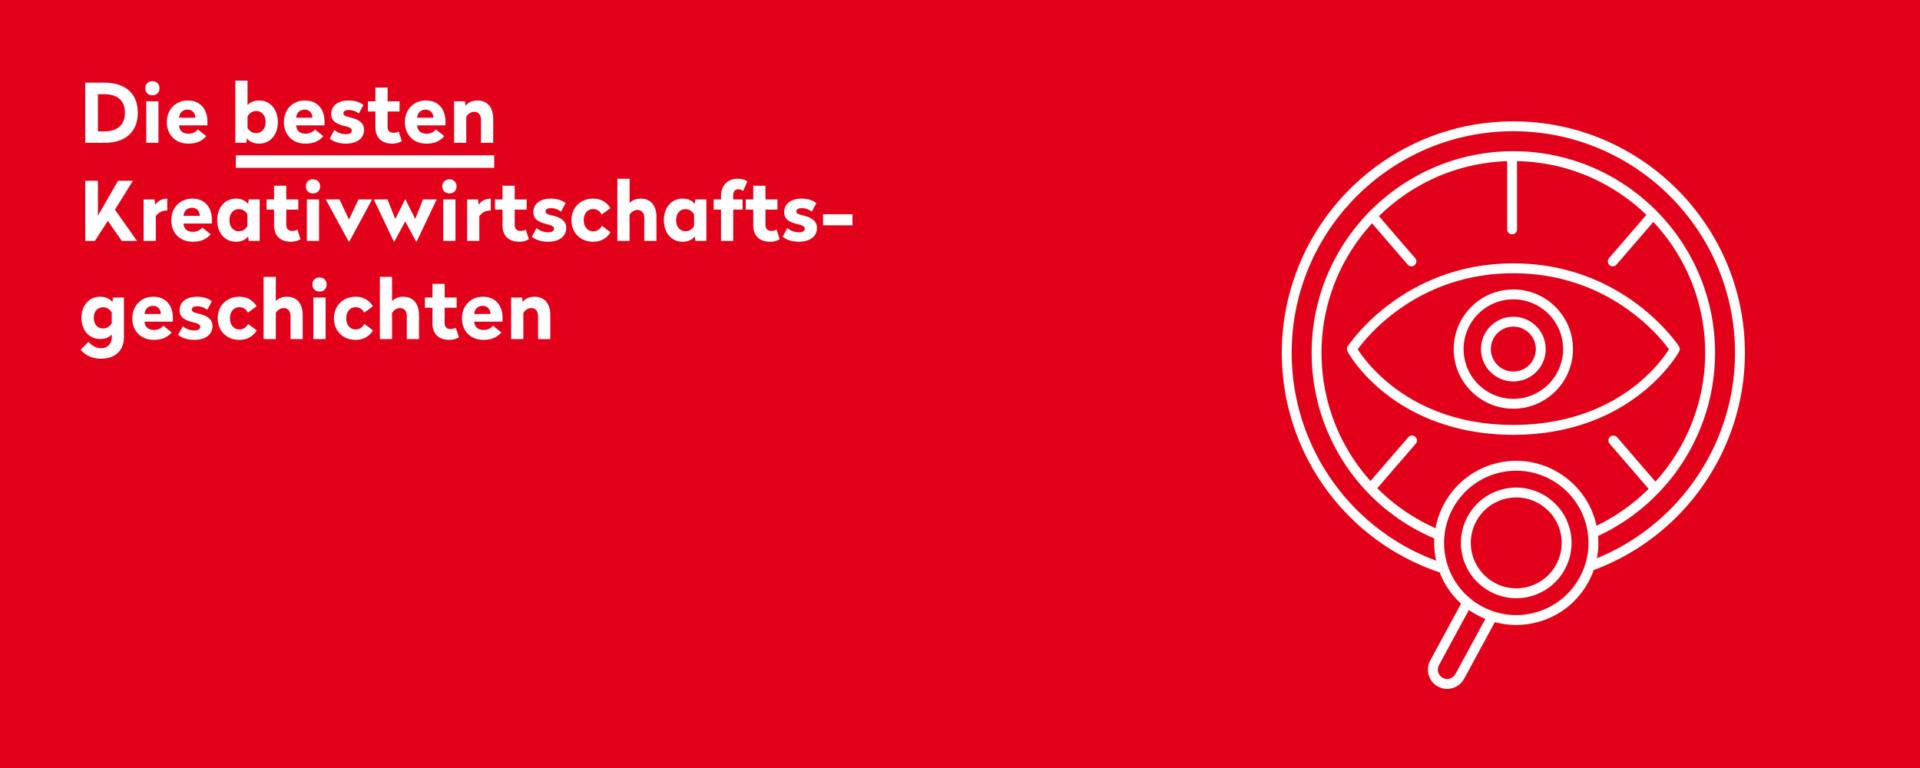 website-banner-phase-schaufenster